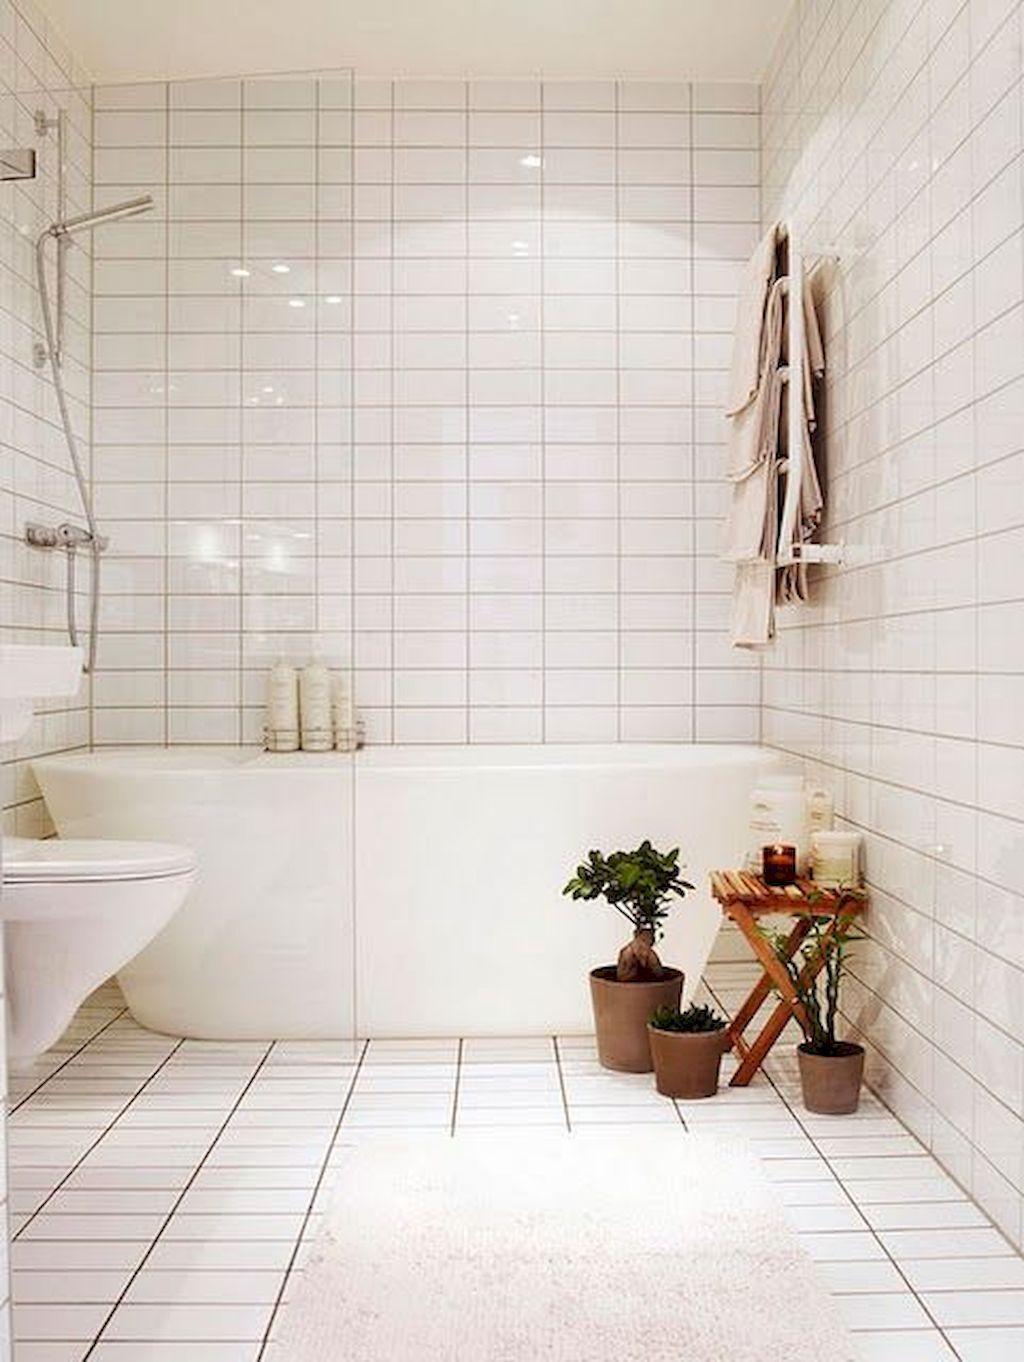 Small Bathroom Remodel with Bathtub Ideas (34 | Bathtub ideas, Small ...